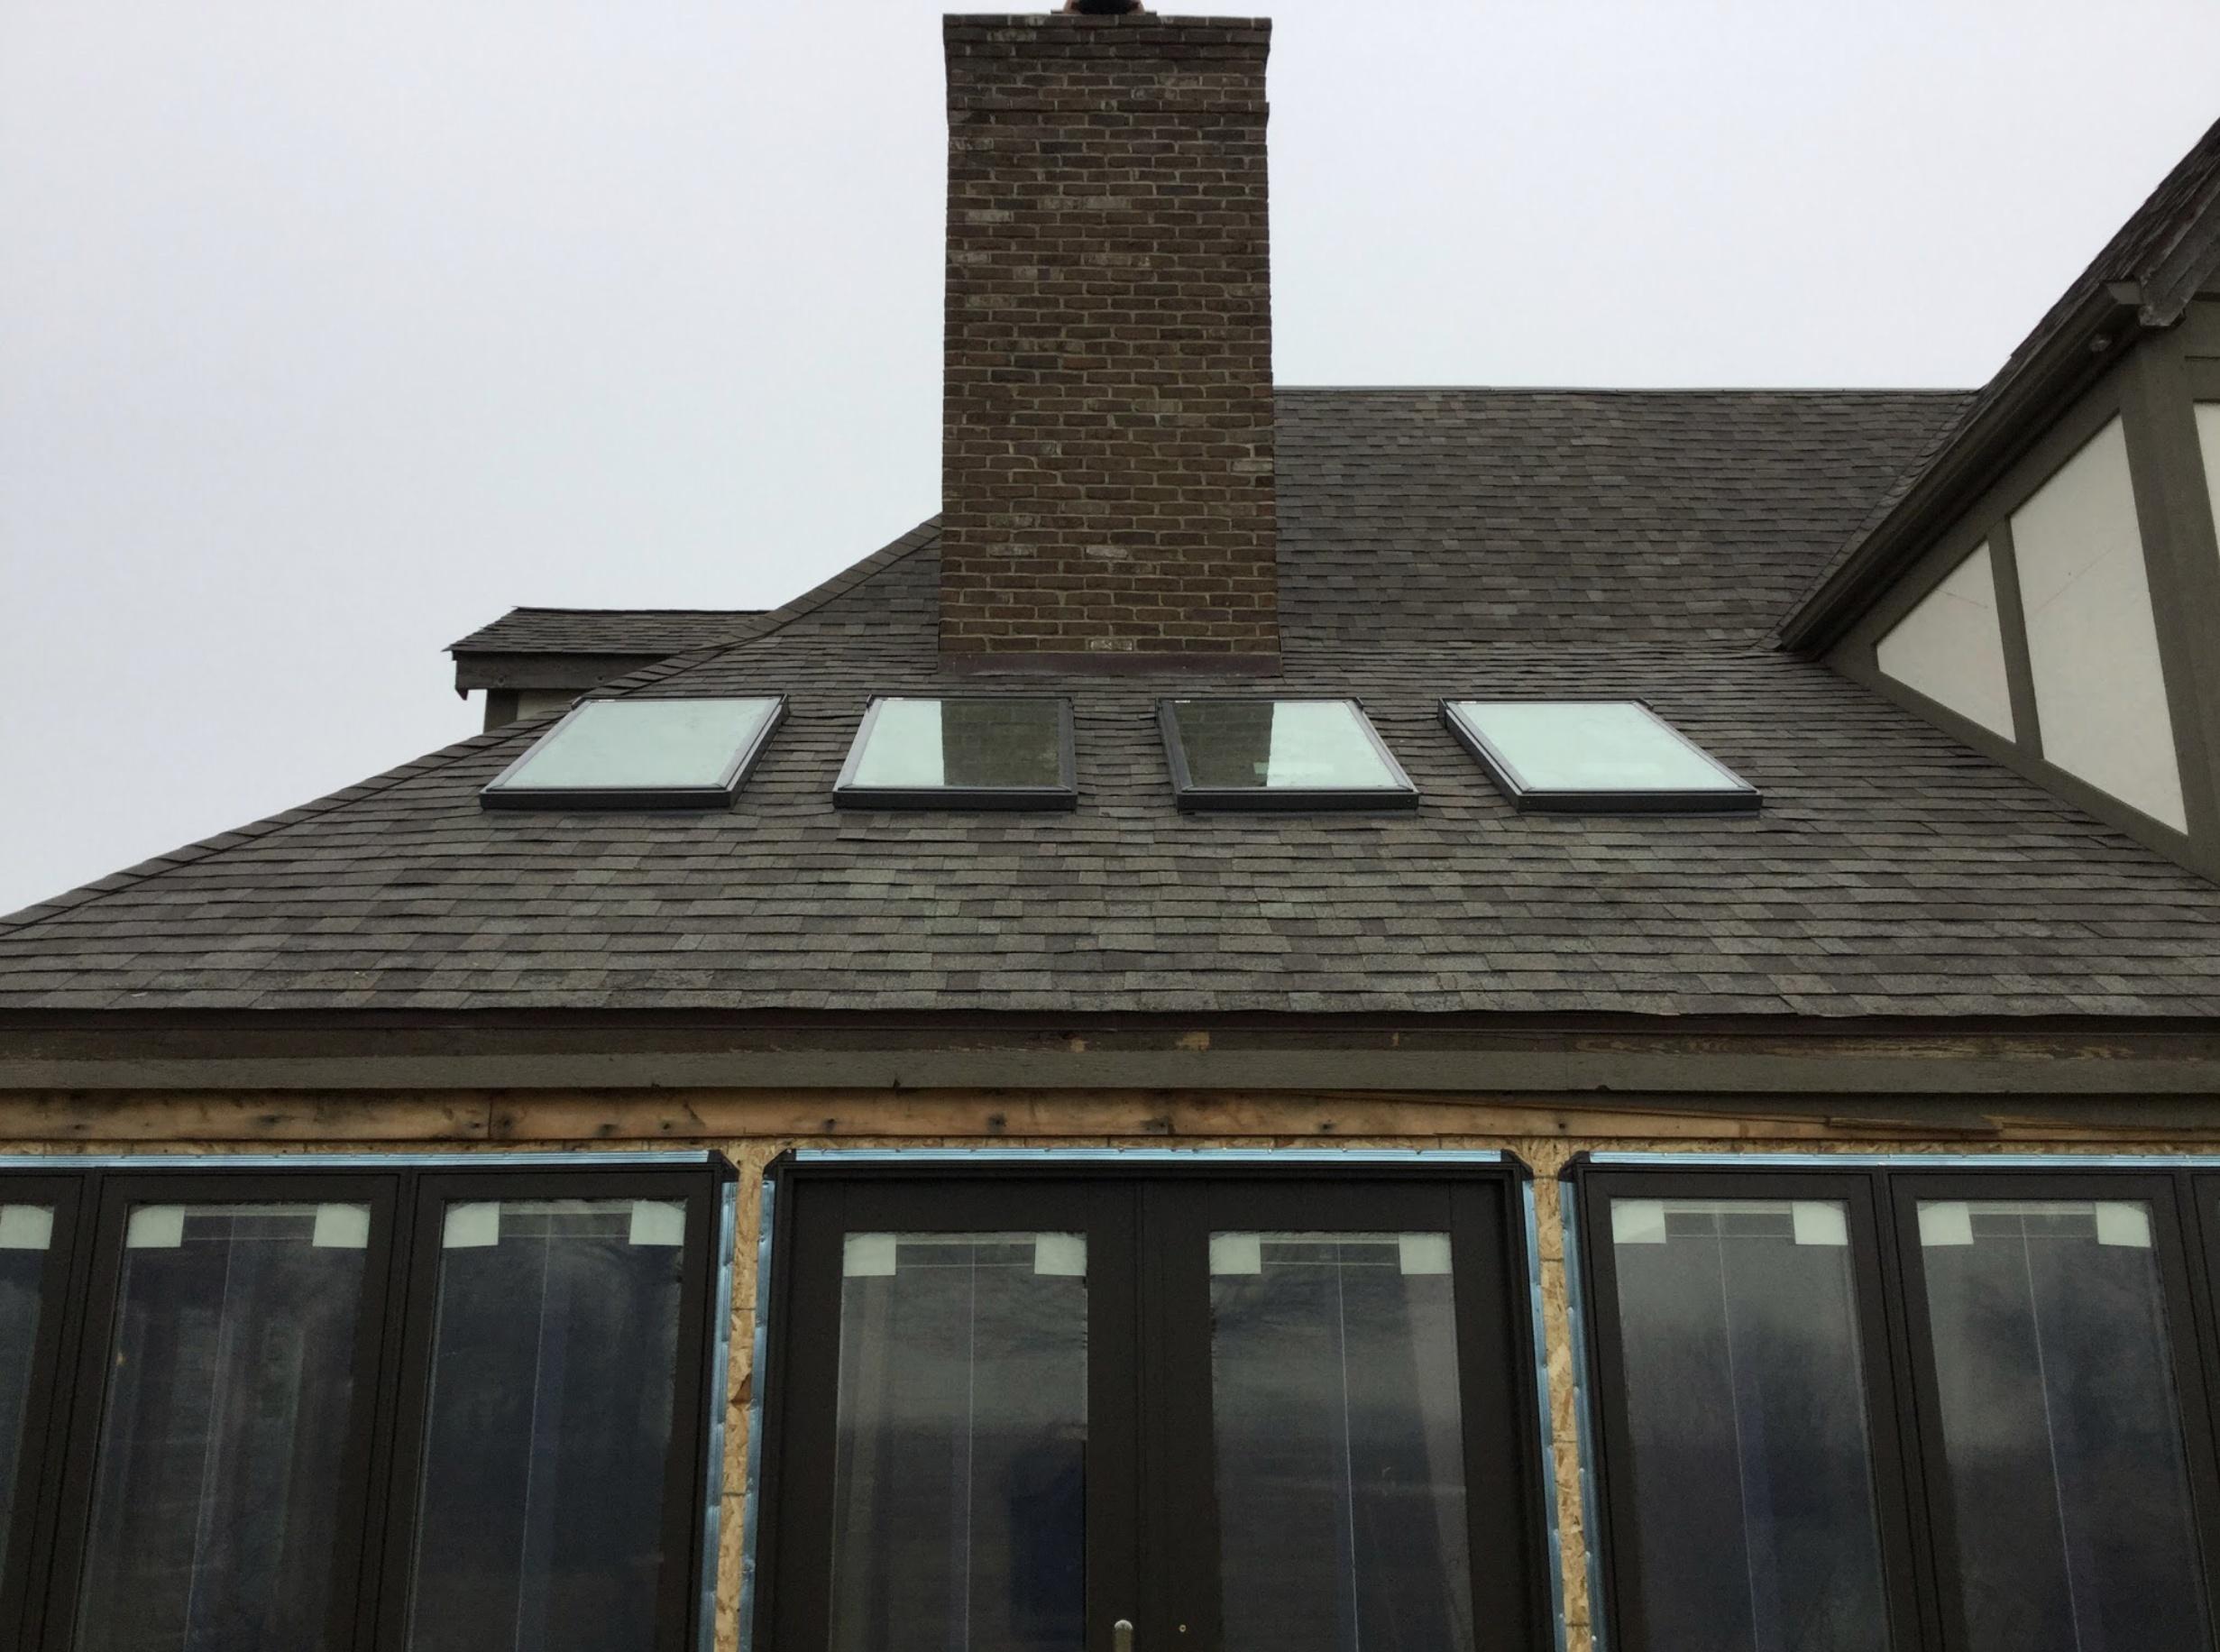 Napoleon Ohio Skylight installation December 2016